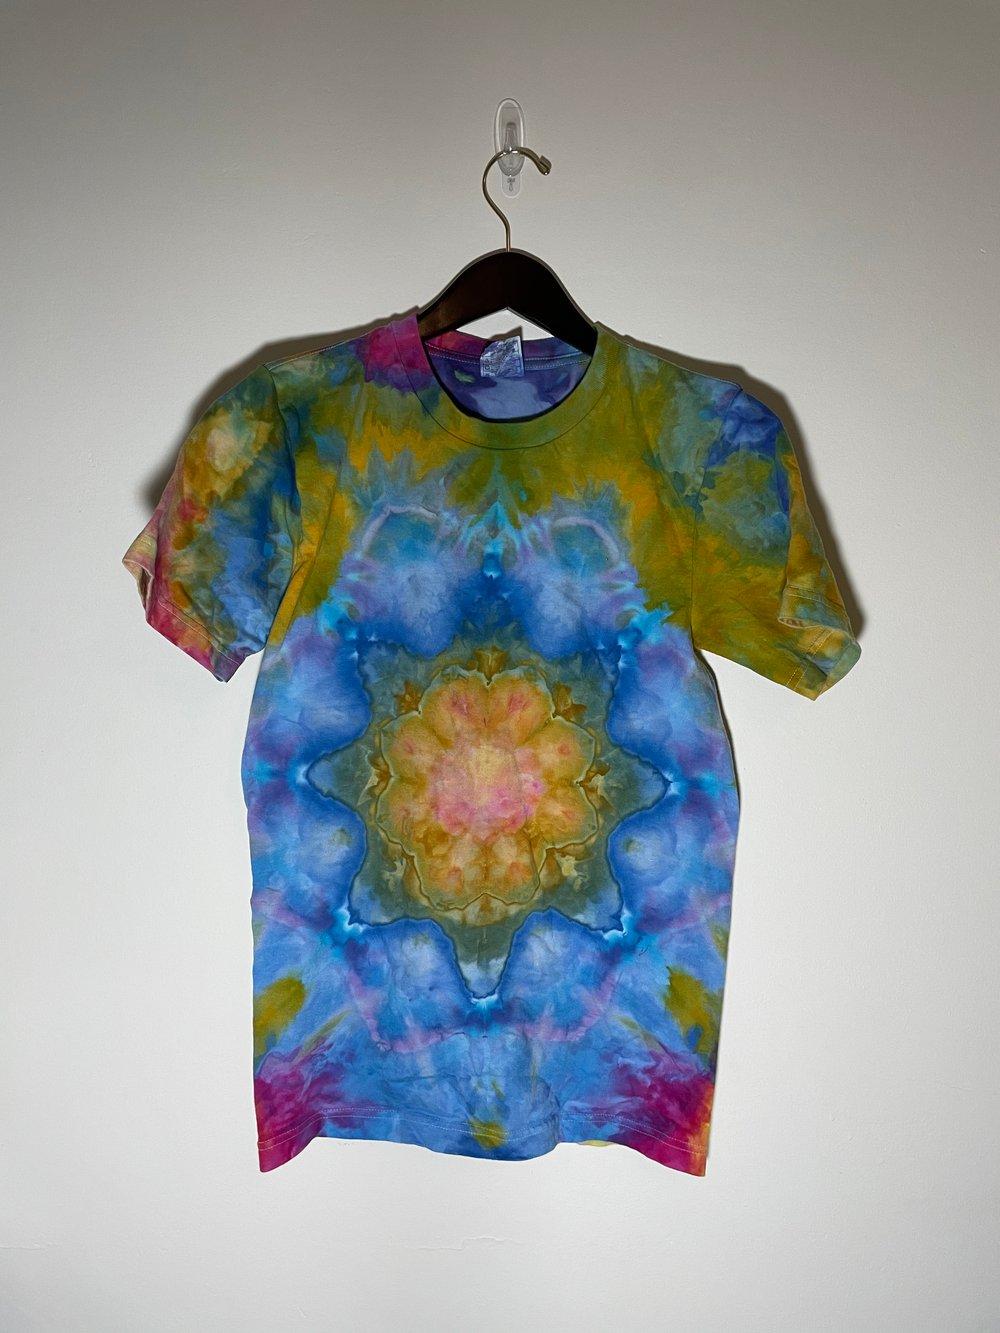 Test Tie Dye #2 - Small